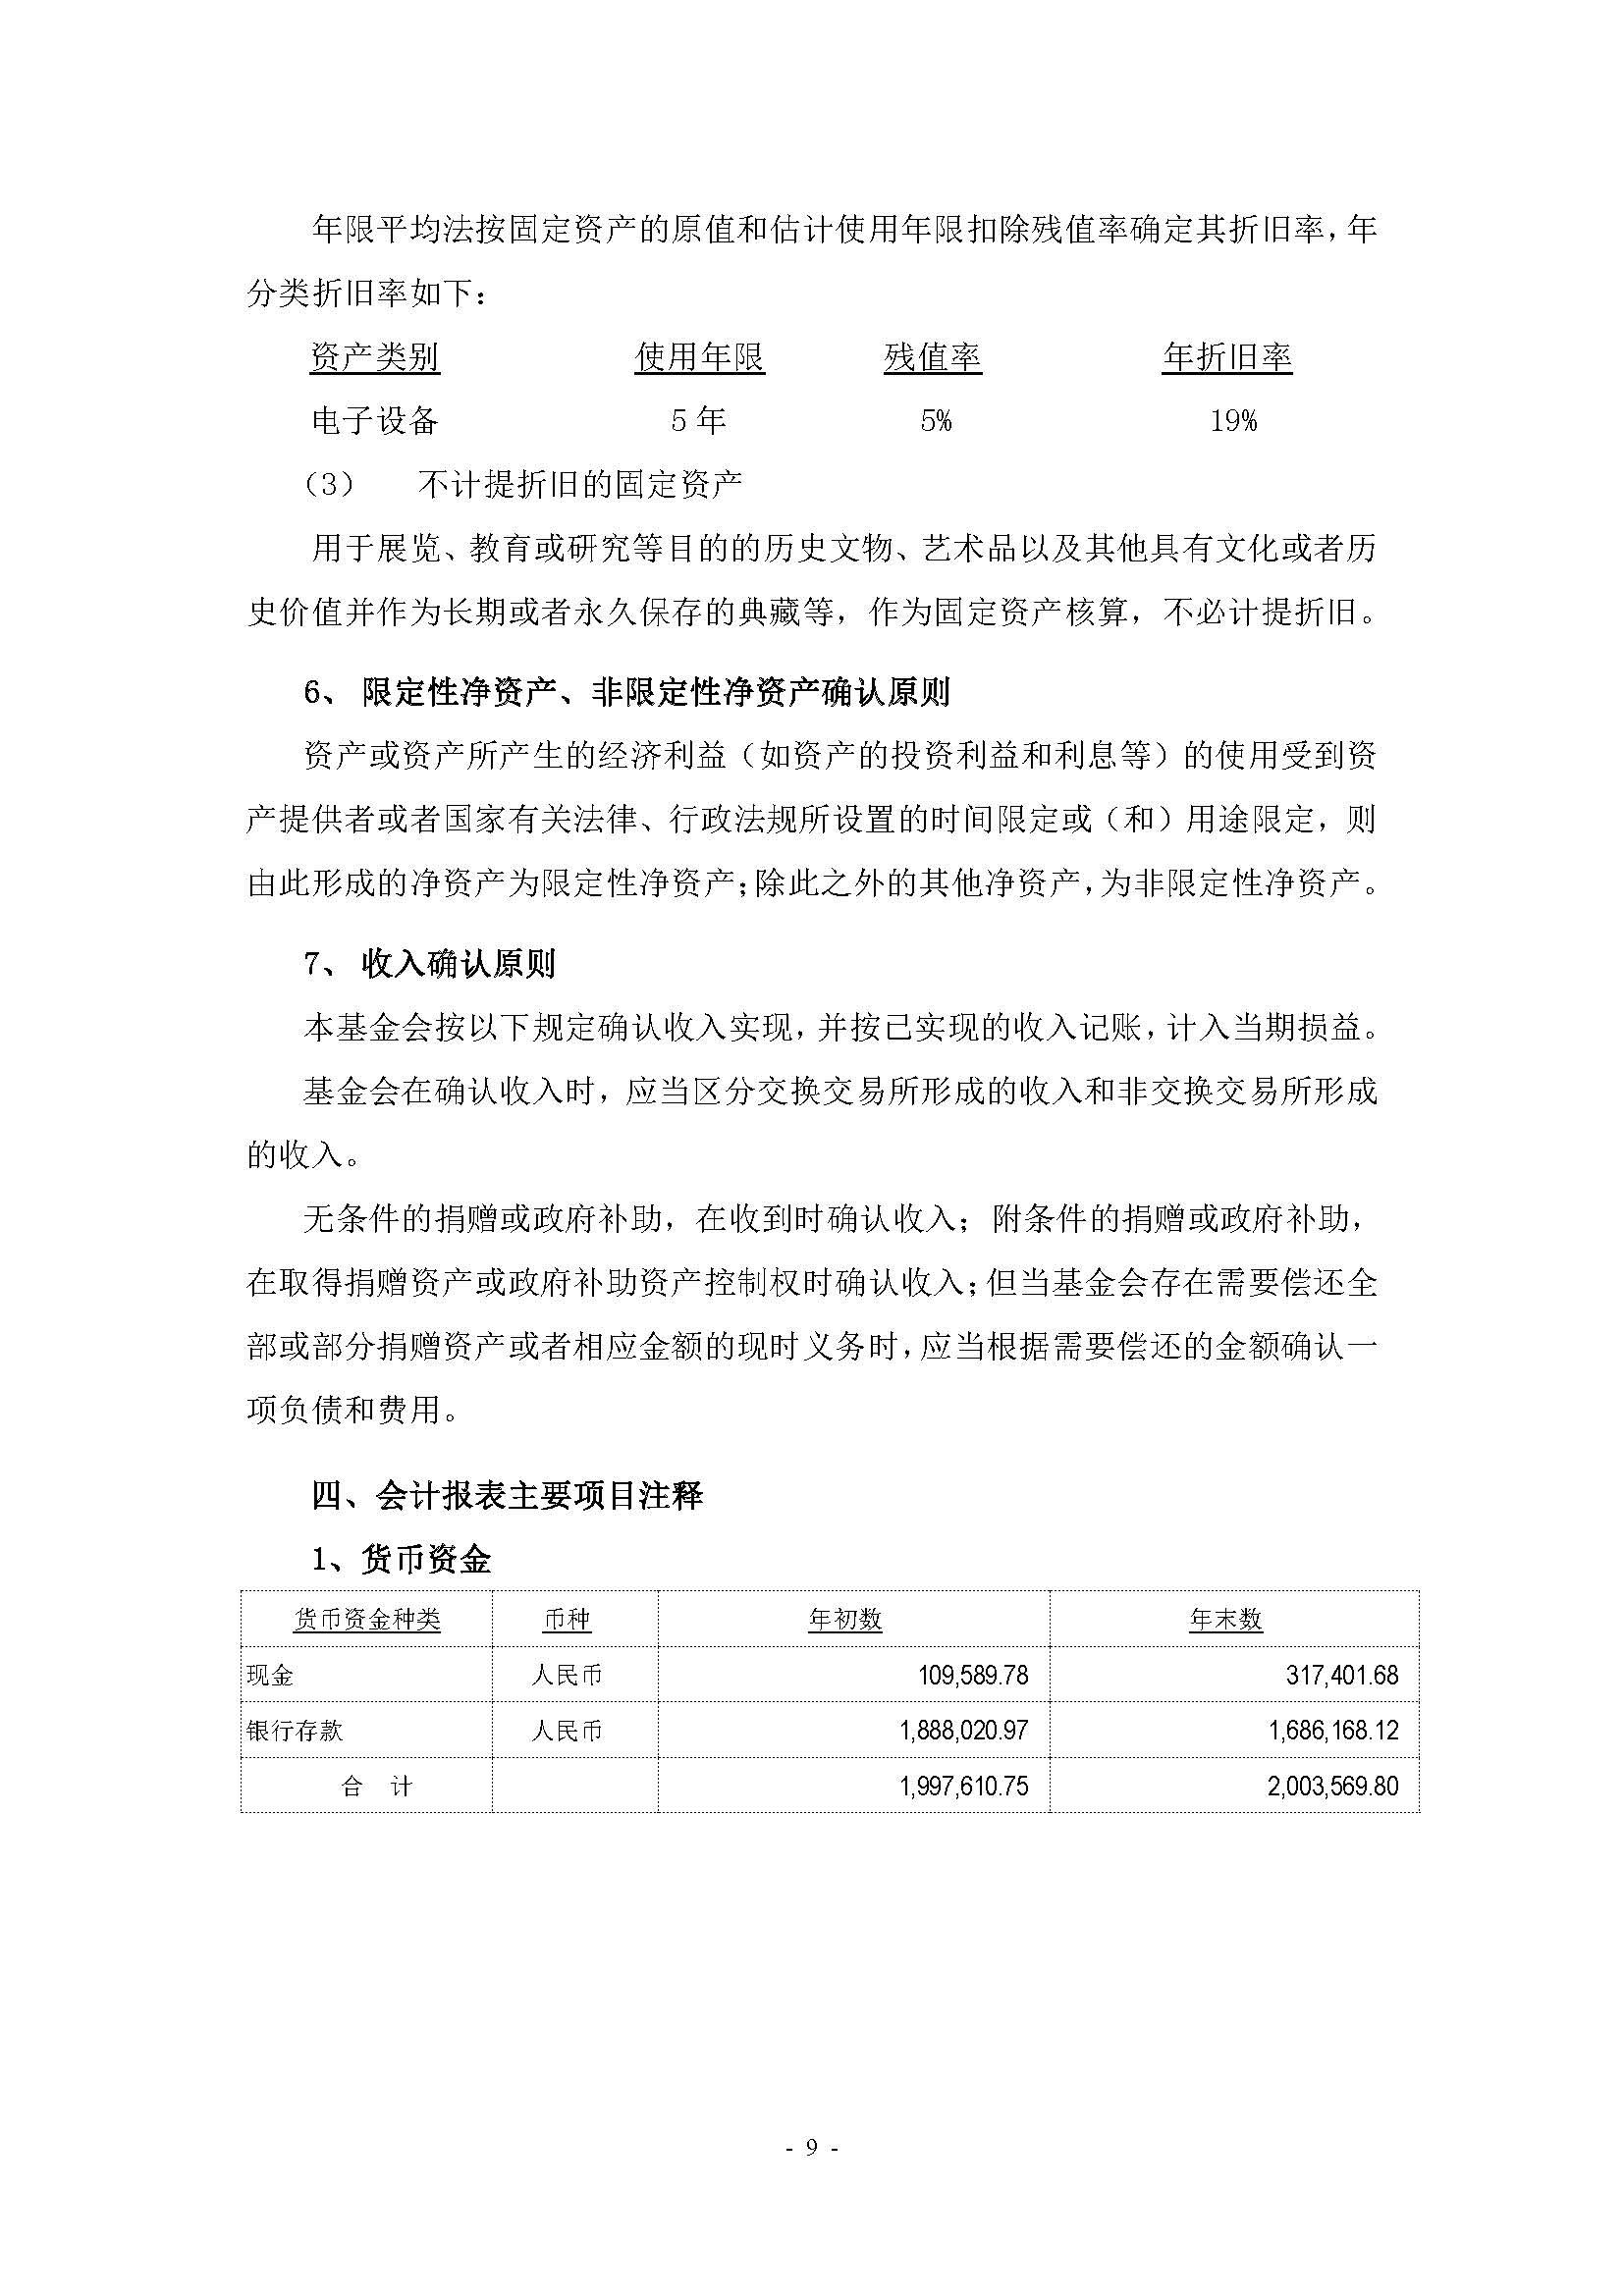 [2016]3016#山花工程基金会审计报告(电子签章)_页面_10